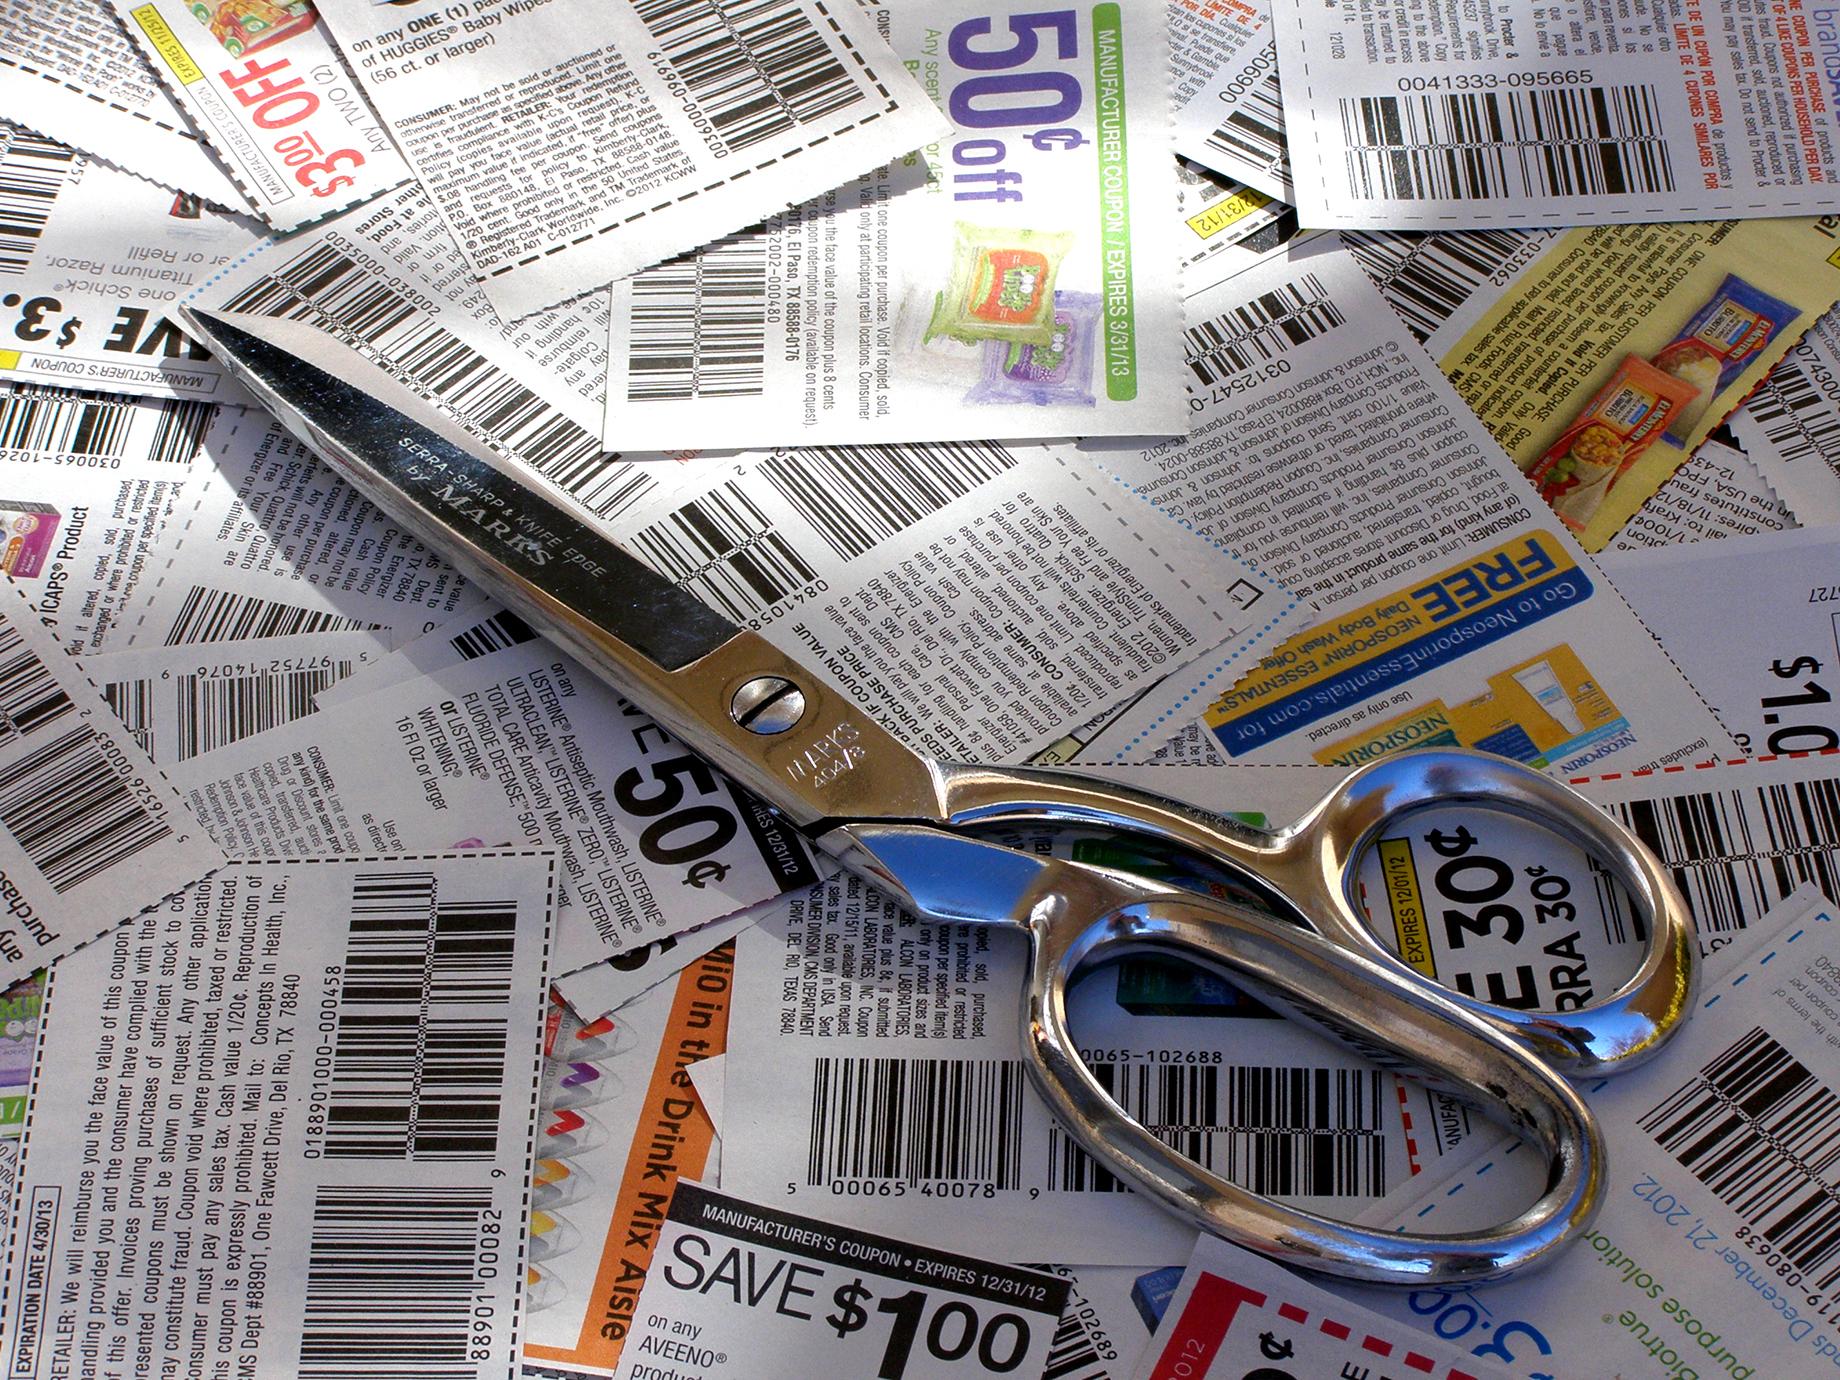 資訊圖表》折價券研究報告,84%消費者依據折價券選擇商店